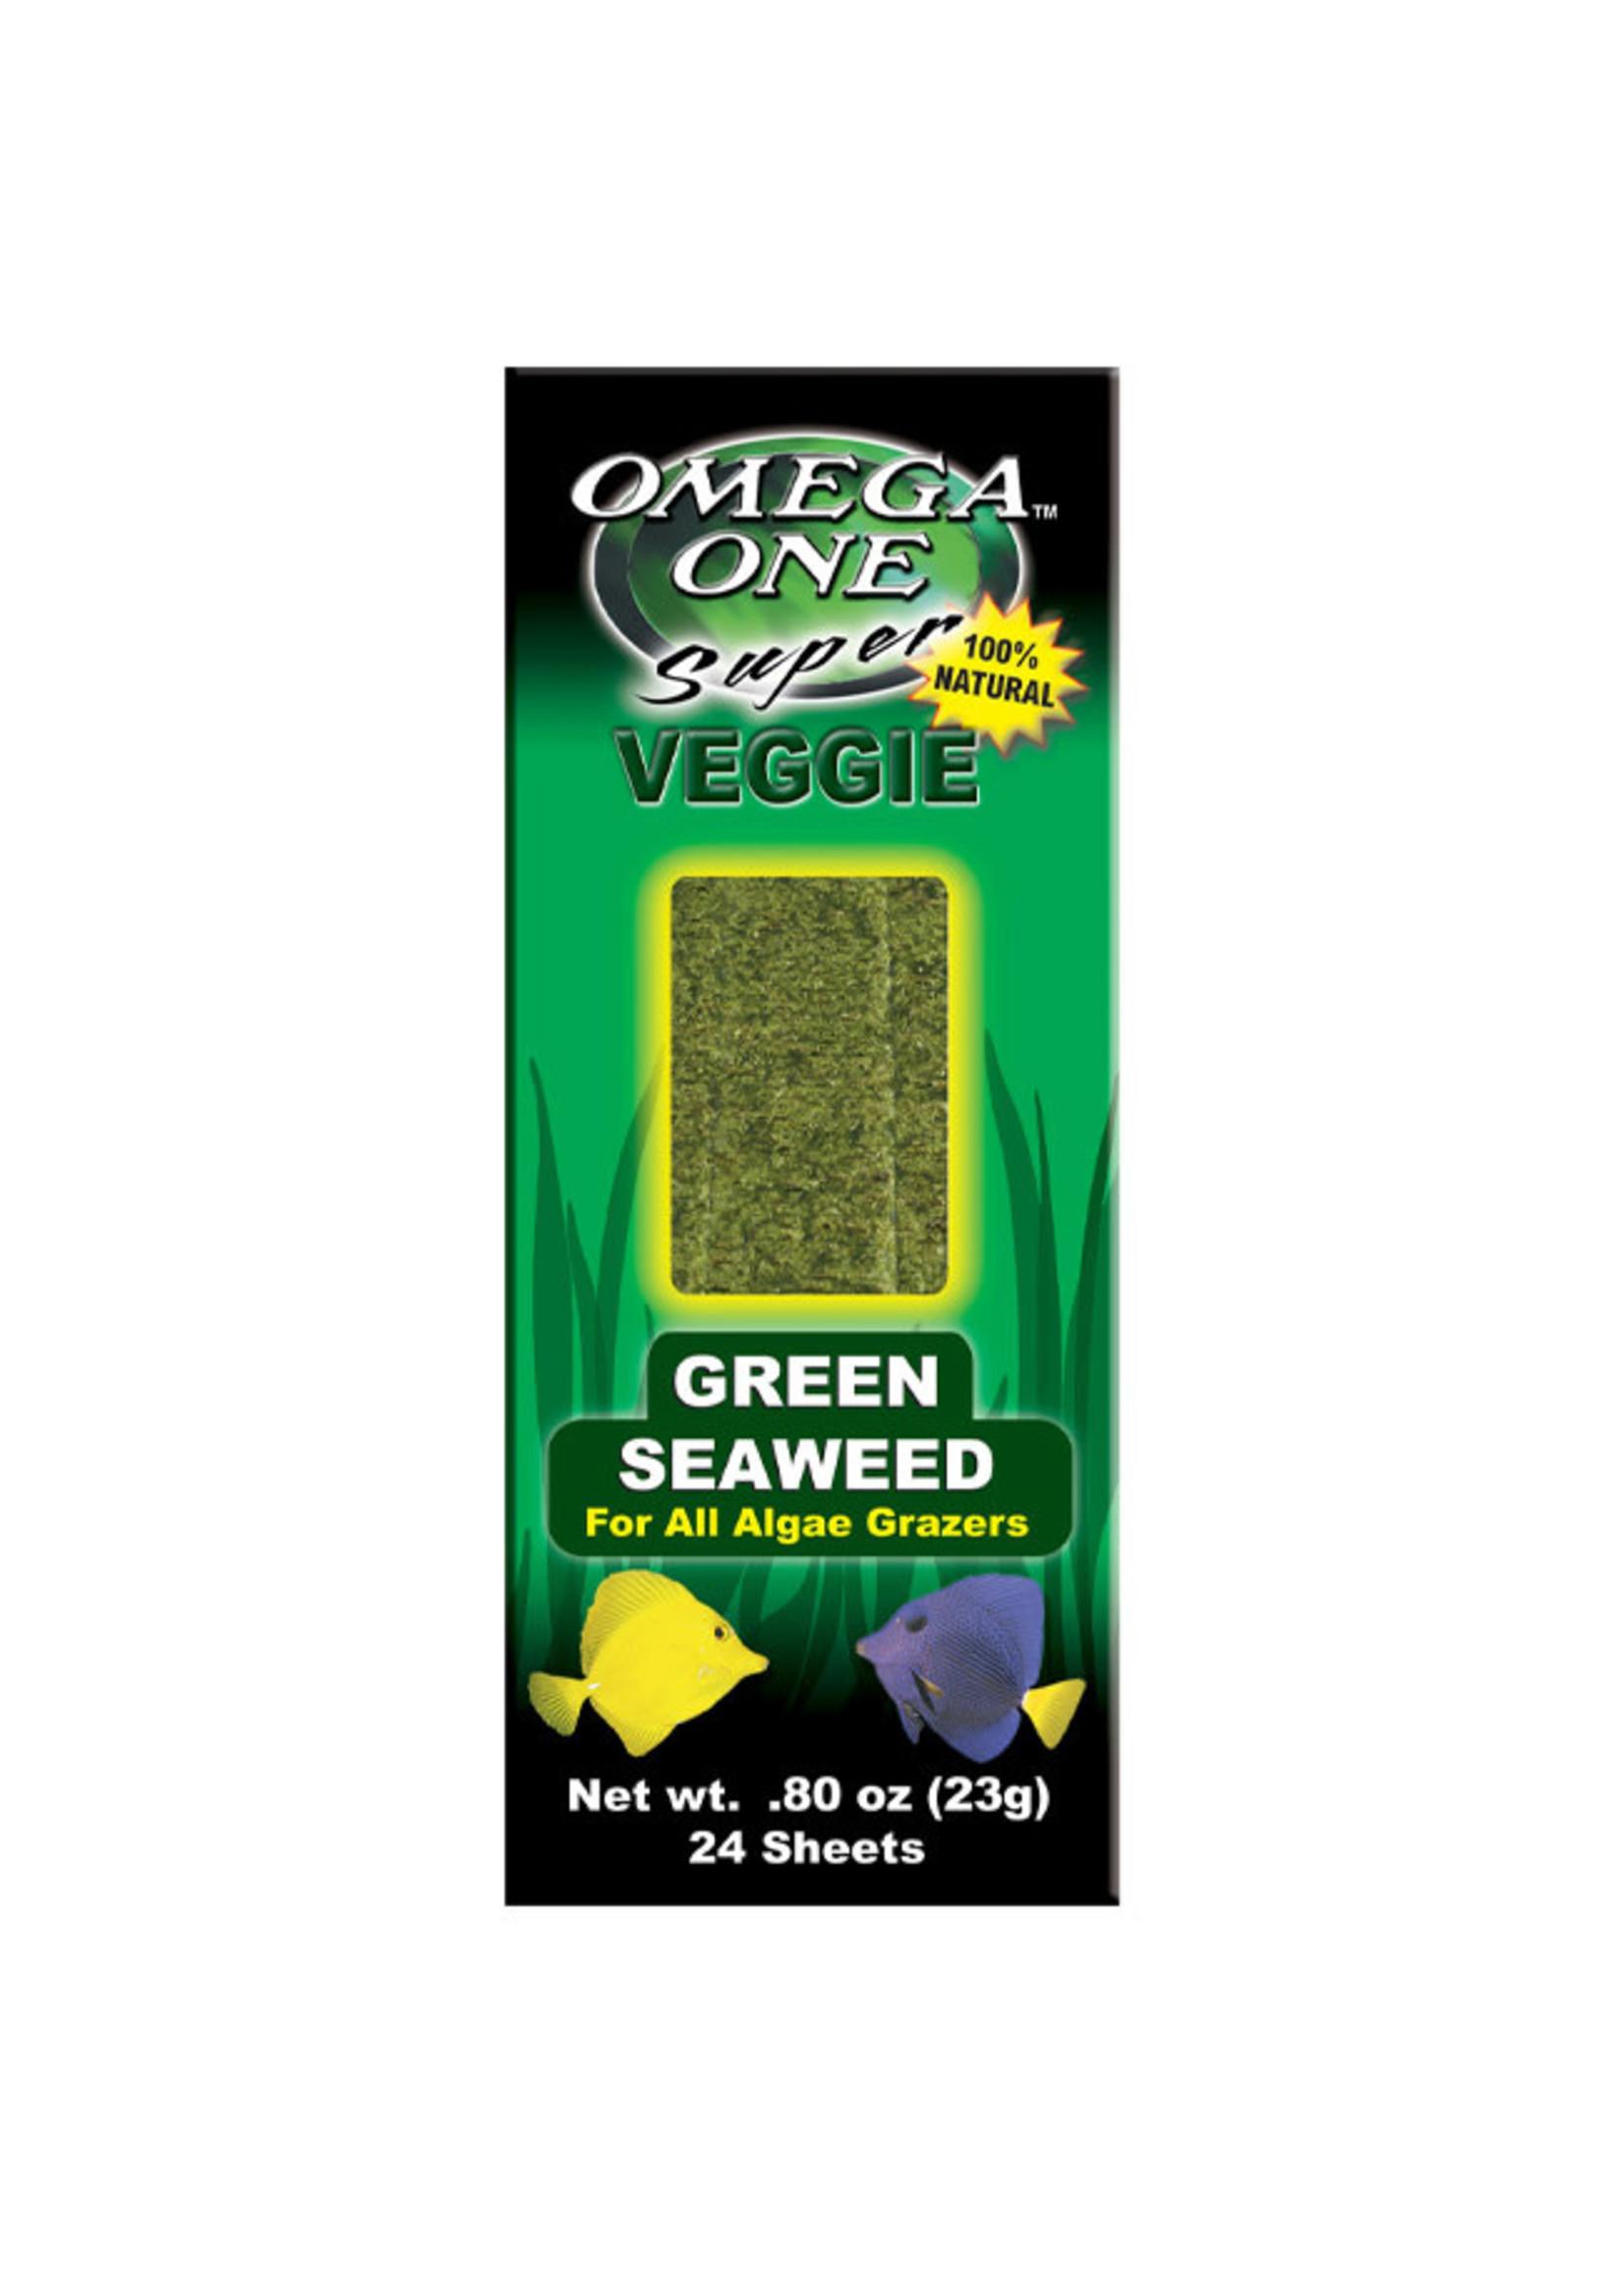 Omega One Omega One Super Veggie Green Seaweed 24pk 23g / .8oz